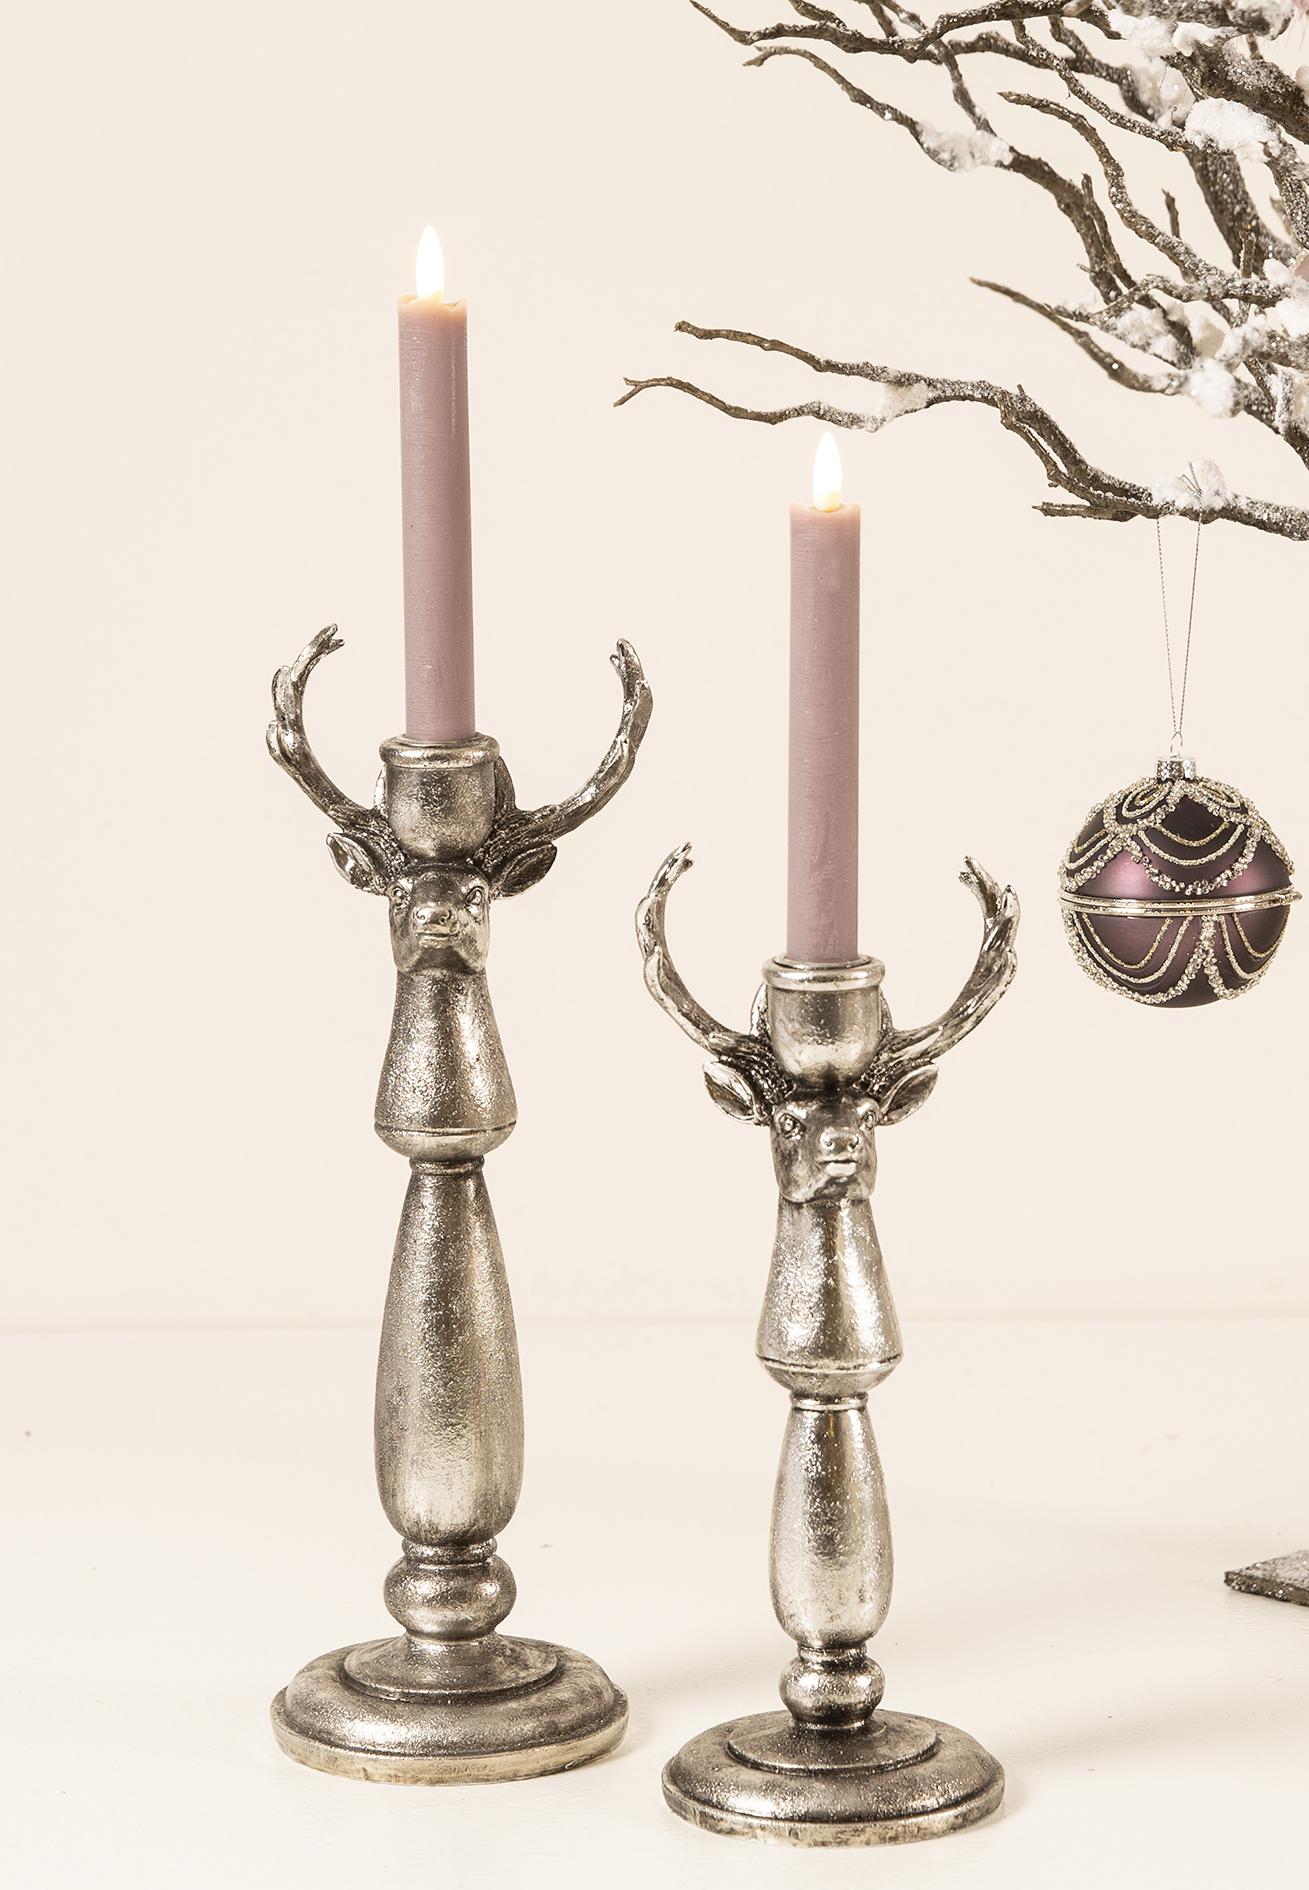 Rentier Kerzenhalter Versilbert incl Silbernes Rentier als Kerzenständer Kerze